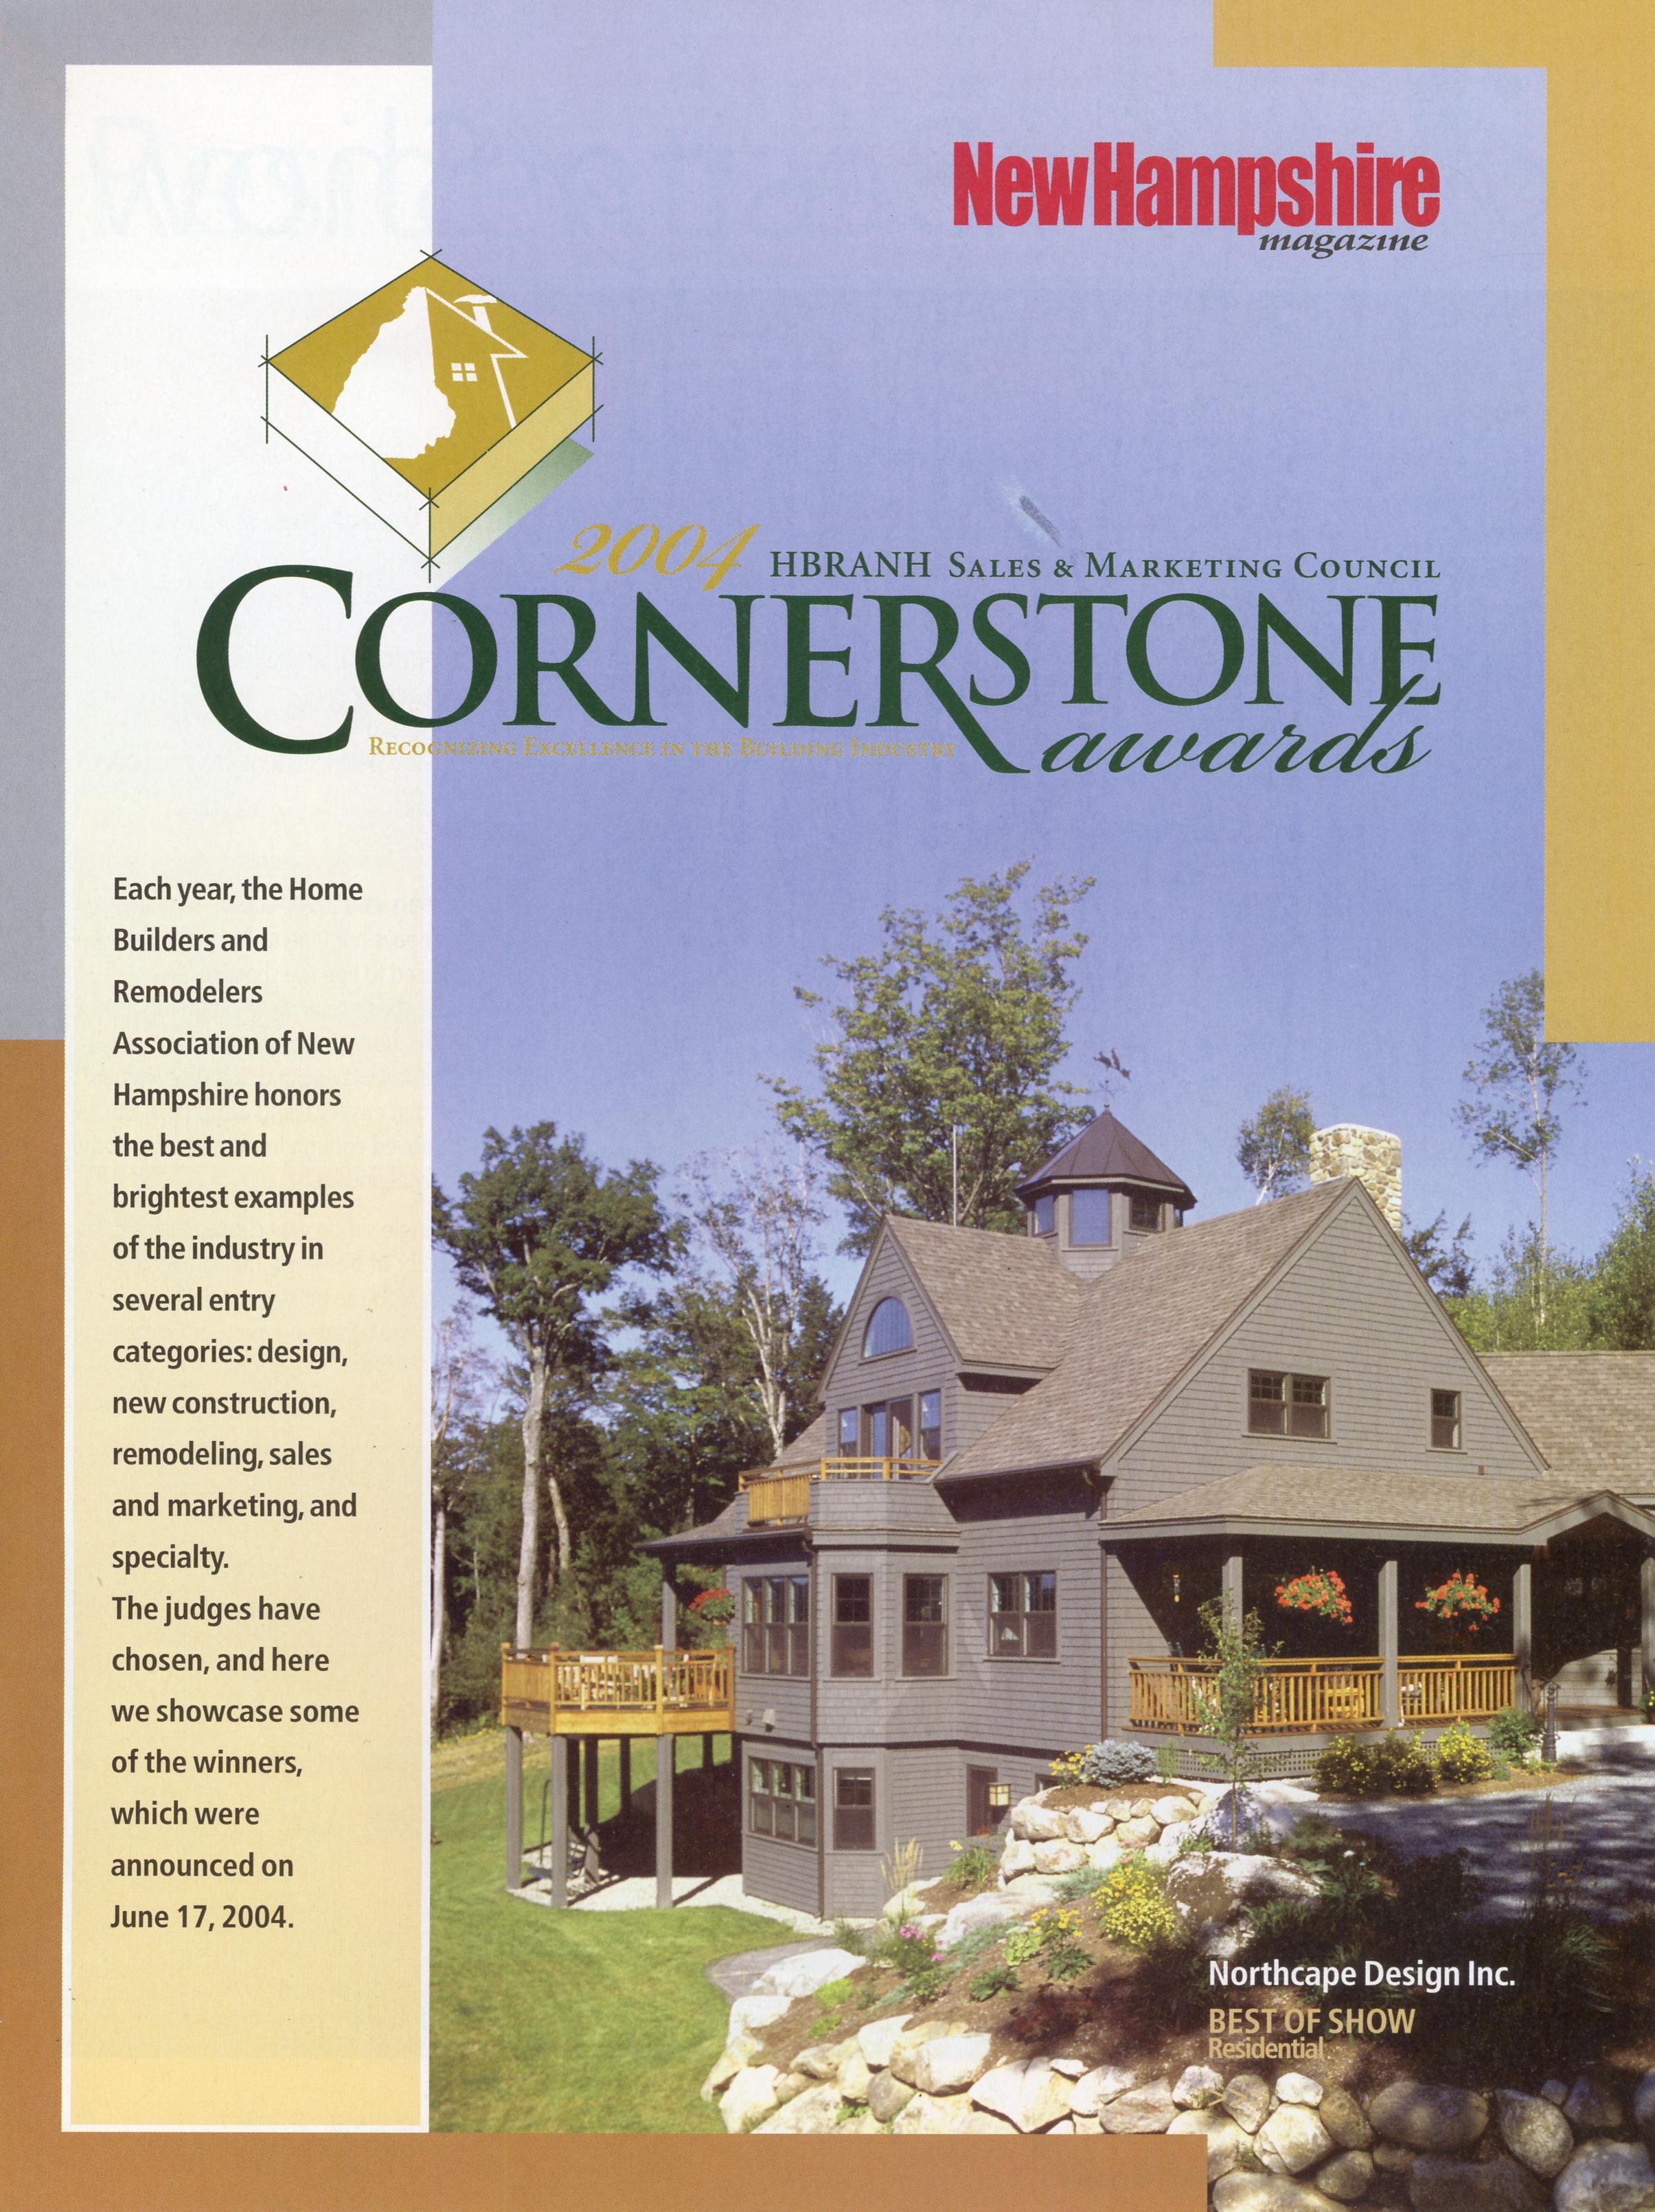 Cornerstone 040001.JPG